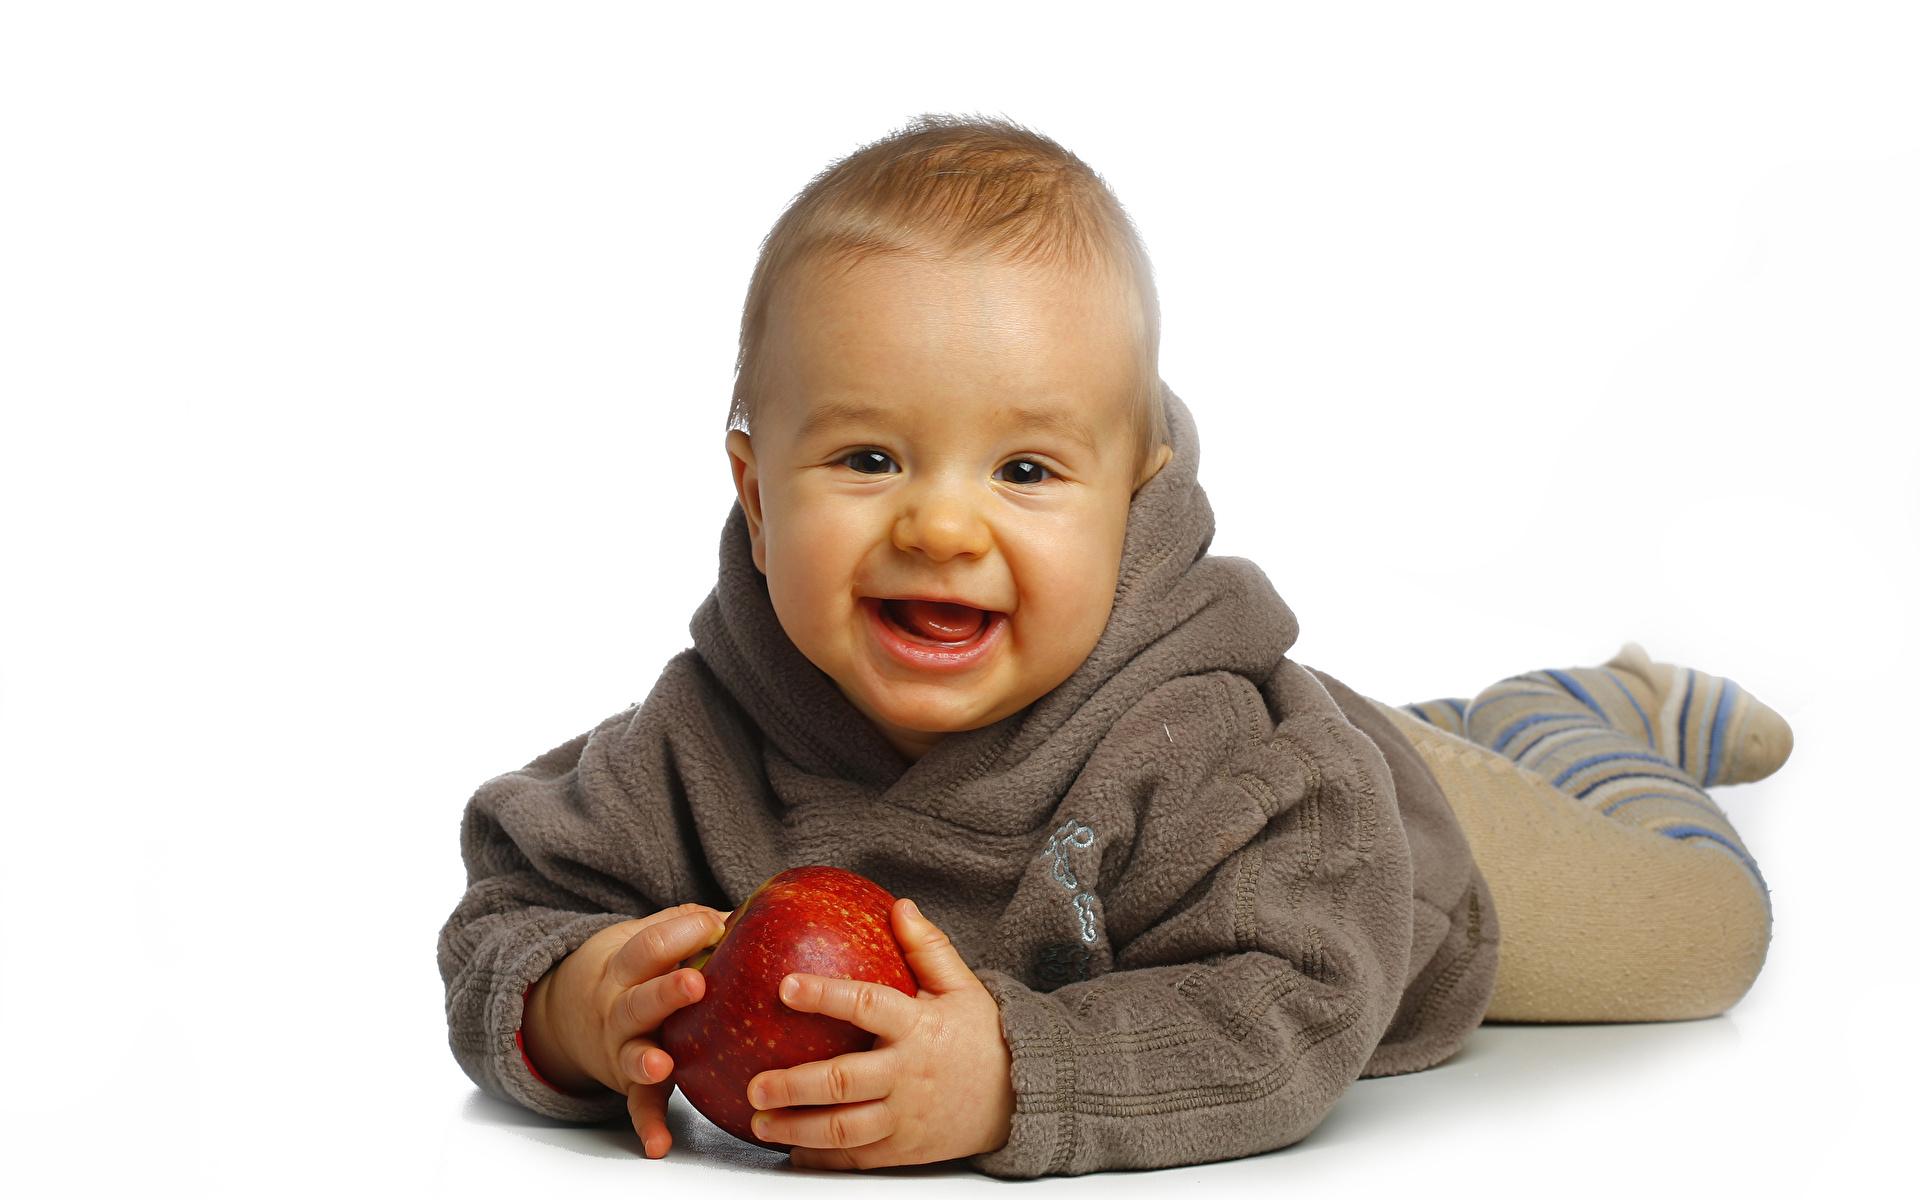 Desktop Wallpapers Baby Smile Children Apples 1920x1200 Infants newborn child